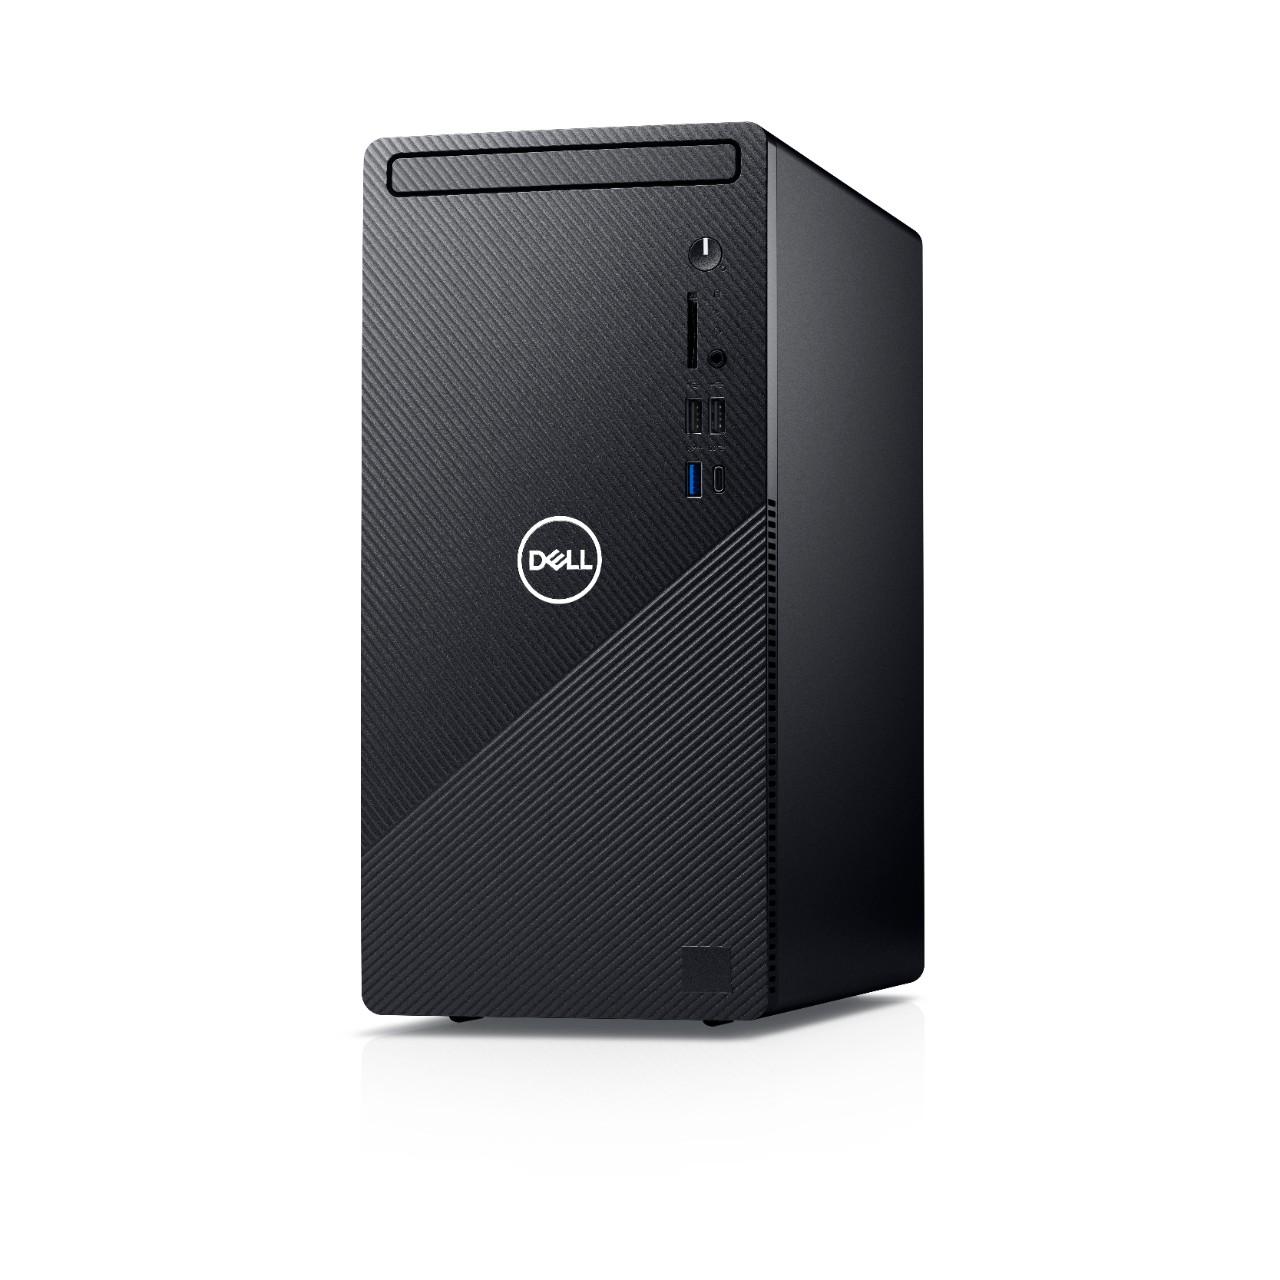 Dell Inspiron DT 3891 i5-10400/8GB/256SSD+1TB/1650-4GB/DVD/W10Home/2RNBD/Černý - D-3891-N2-502K